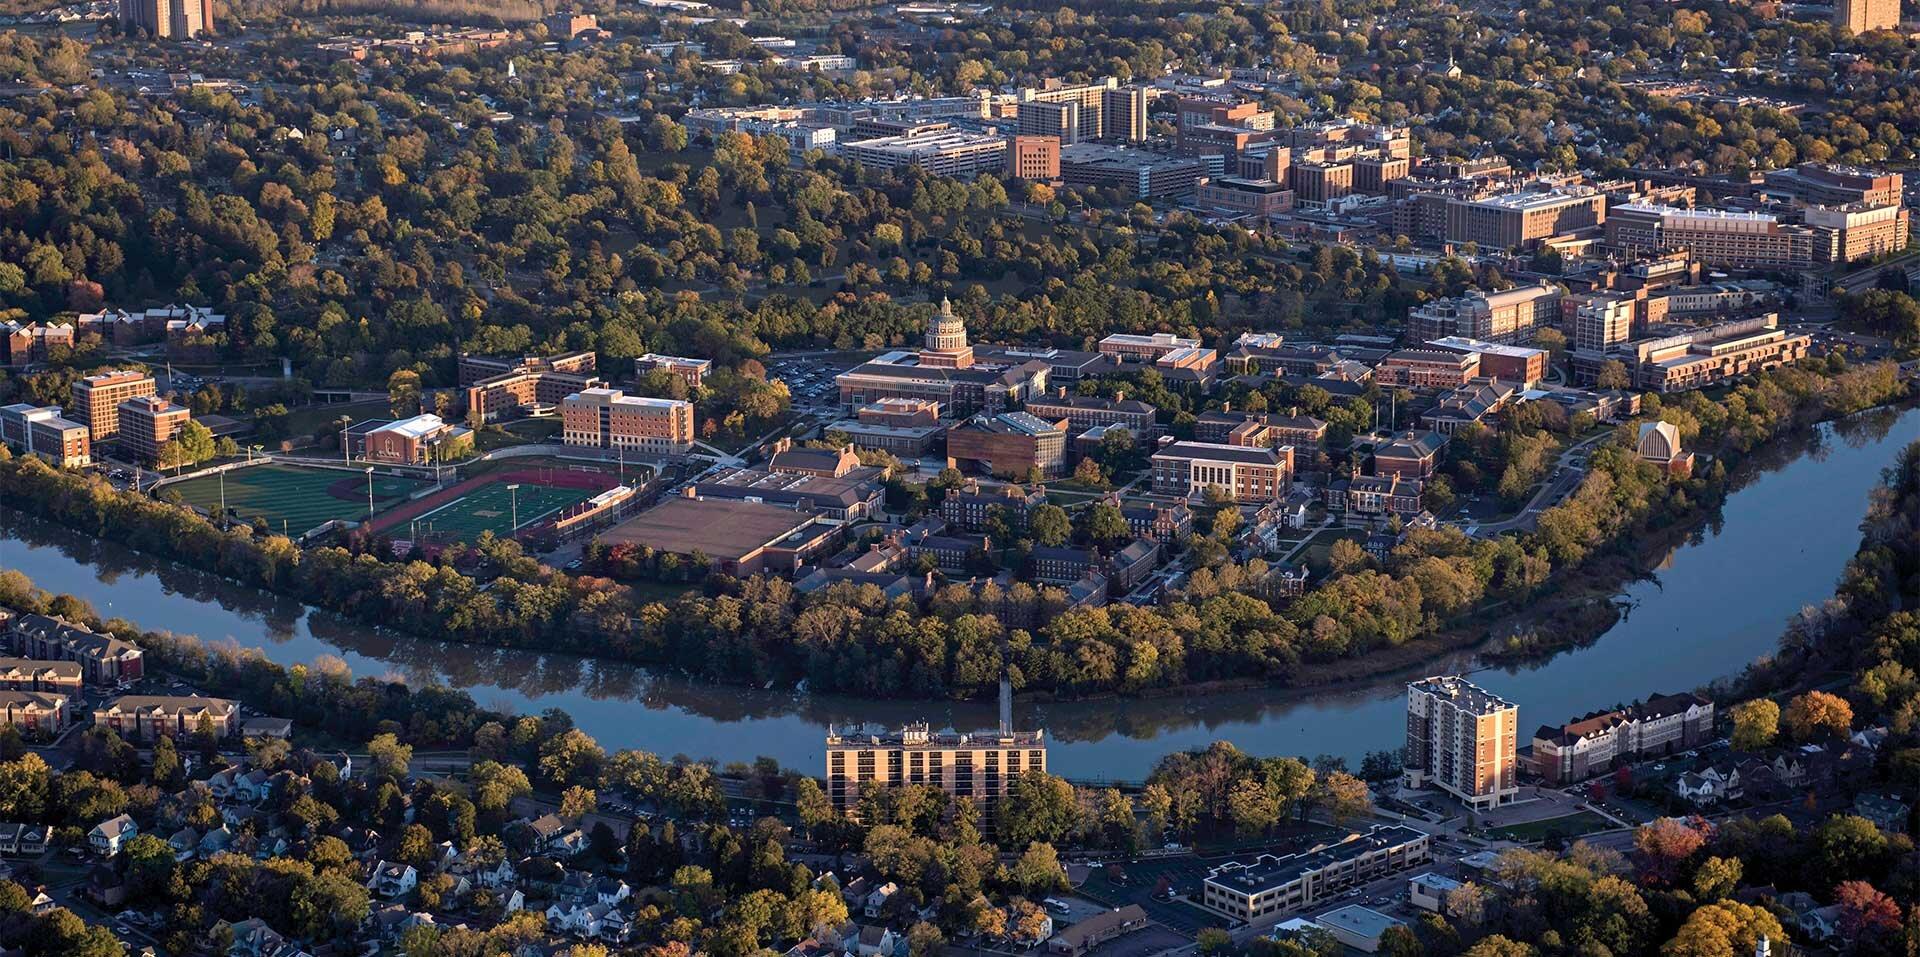 UR aerial campus image